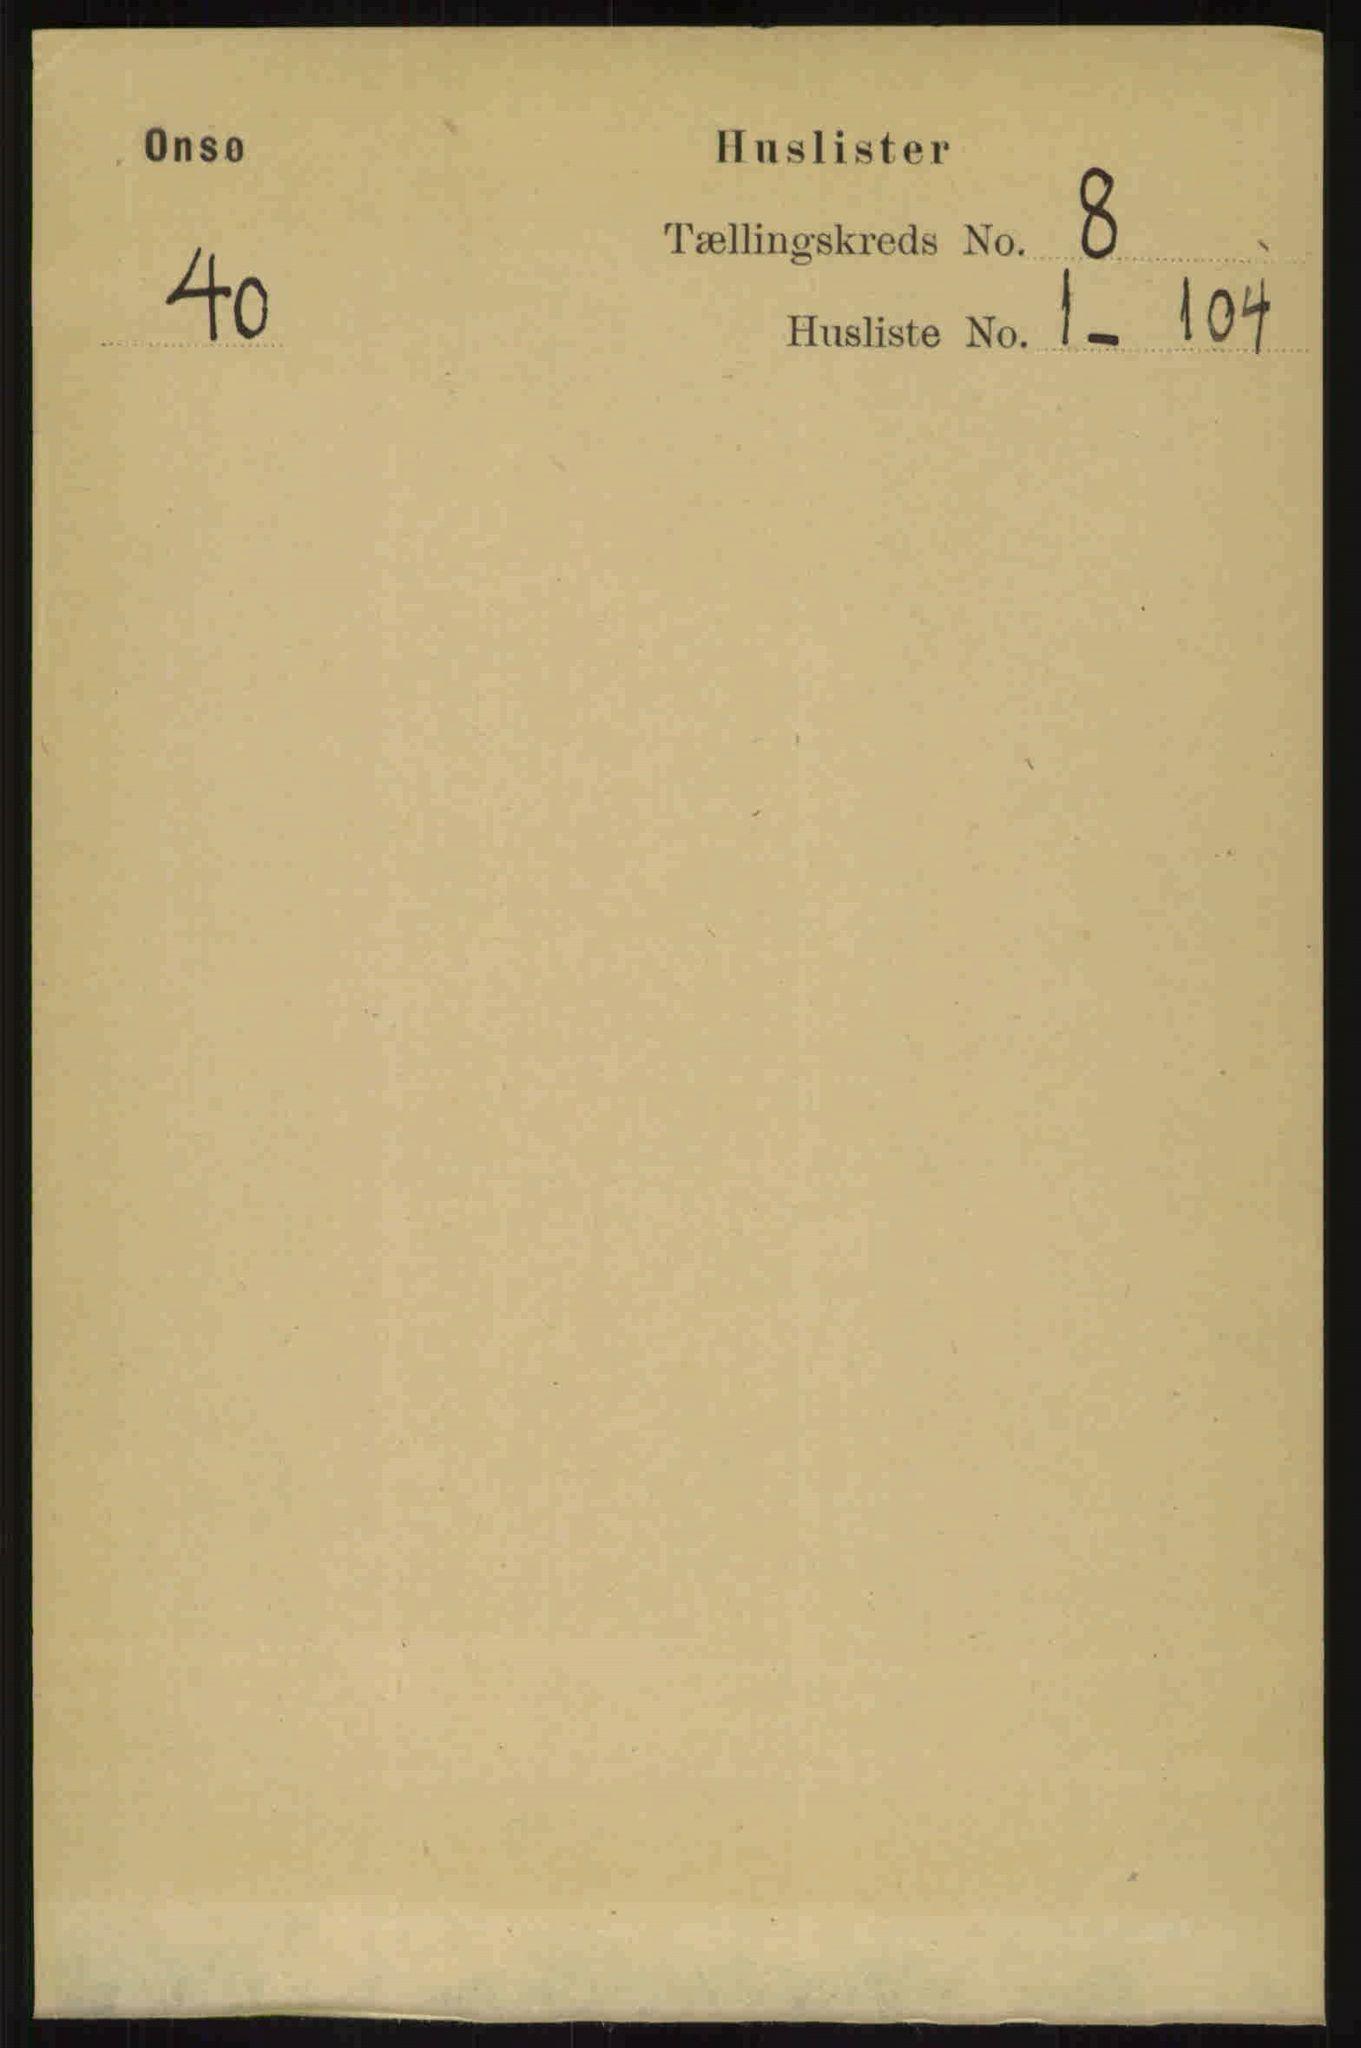 RA, Folketelling 1891 for 0134 Onsøy herred, 1891, s. 7294